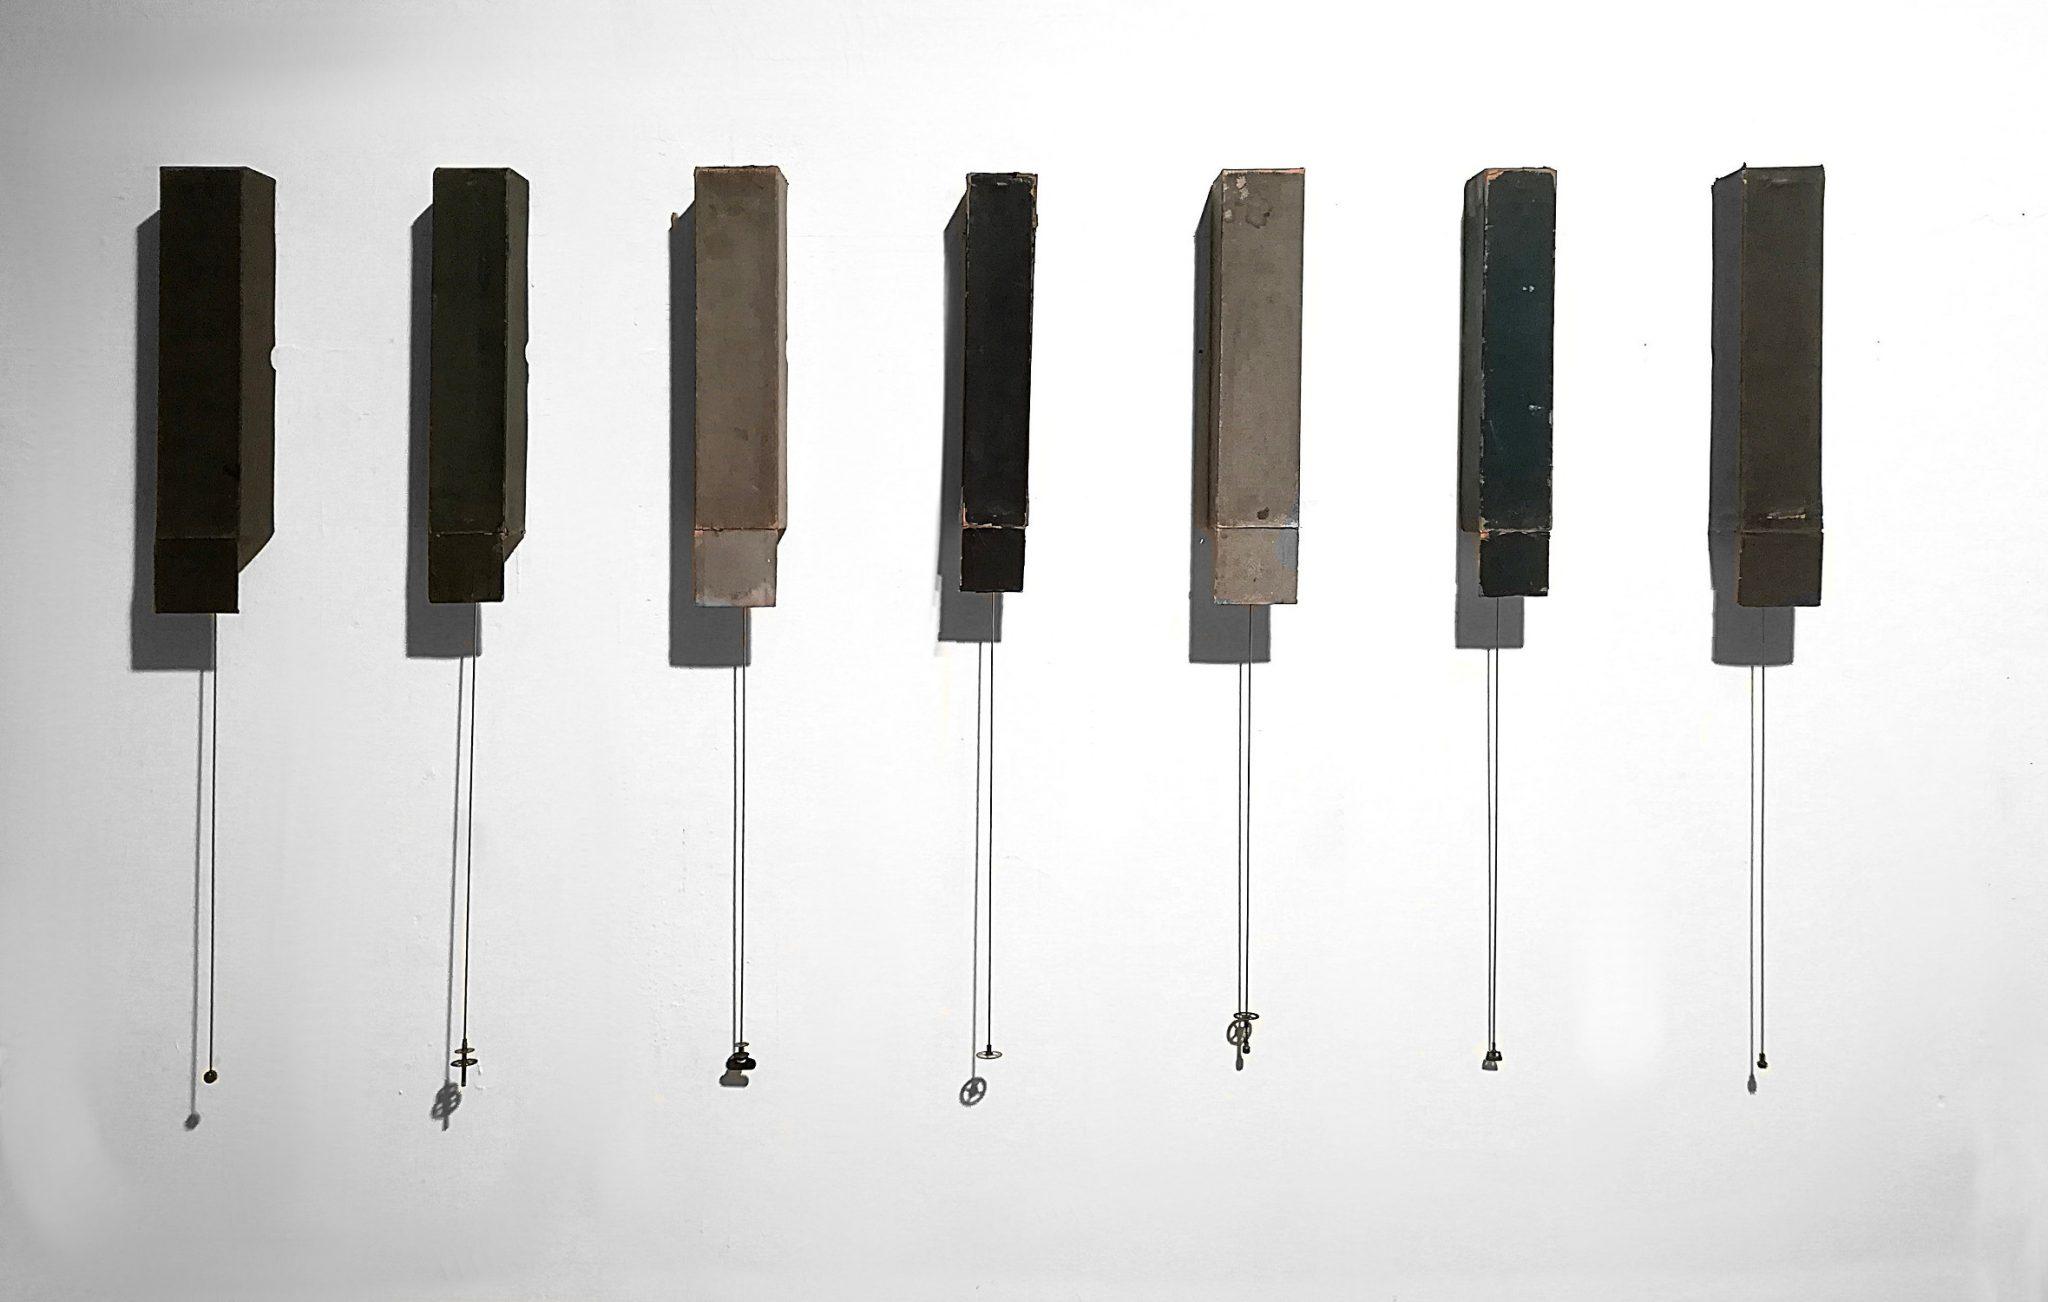 ArteFiera 2019 | Jacopo Mazzonelli: Pendulum Music, 2019 - scatole di rulli per pianola meccanica, meccanismi di orologi a pendolo, parti di orologio, 81x151,5x7cm |courtesy Galleria Giovanni Bonelli, Milano